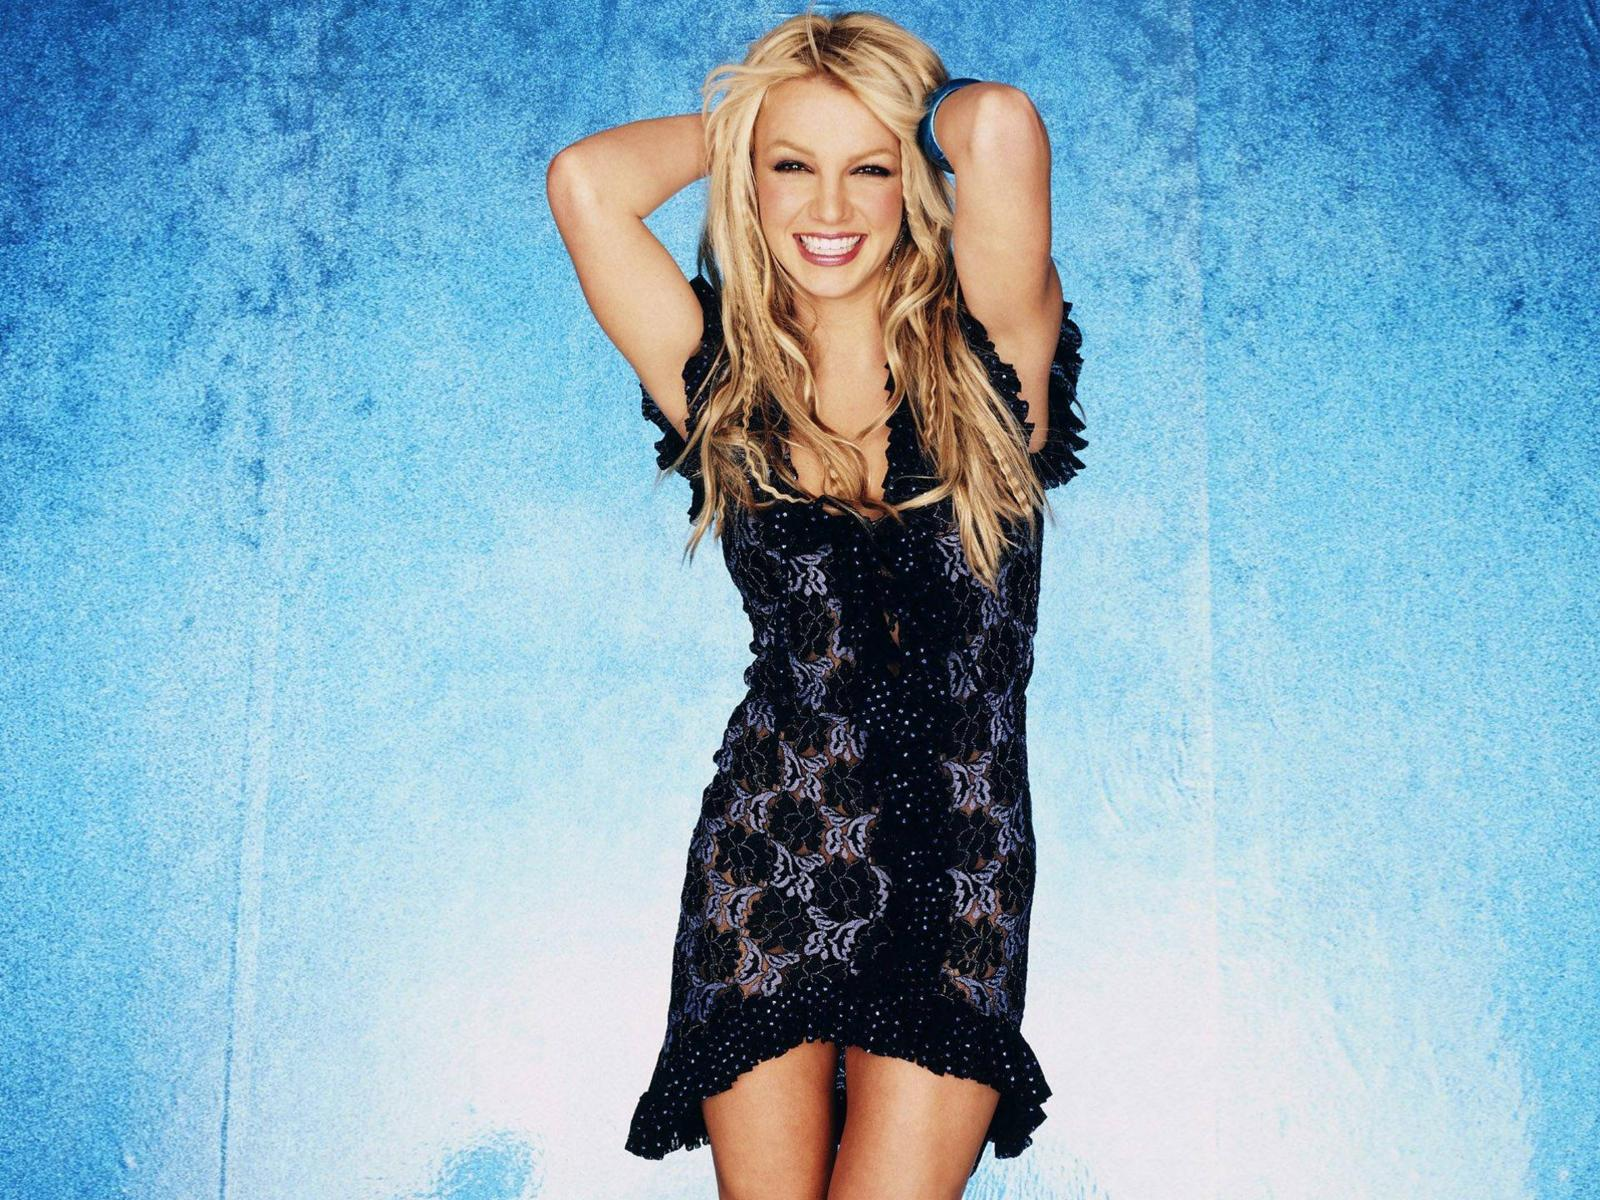 http://1.bp.blogspot.com/-fae43K1mP9w/Tf_Hwj2-wKI/AAAAAAAAAws/5h5msU-NDY0/s1600/4Britney+Spears+is+having+fun+and+wearing+a+sexy+black+dress.jpg